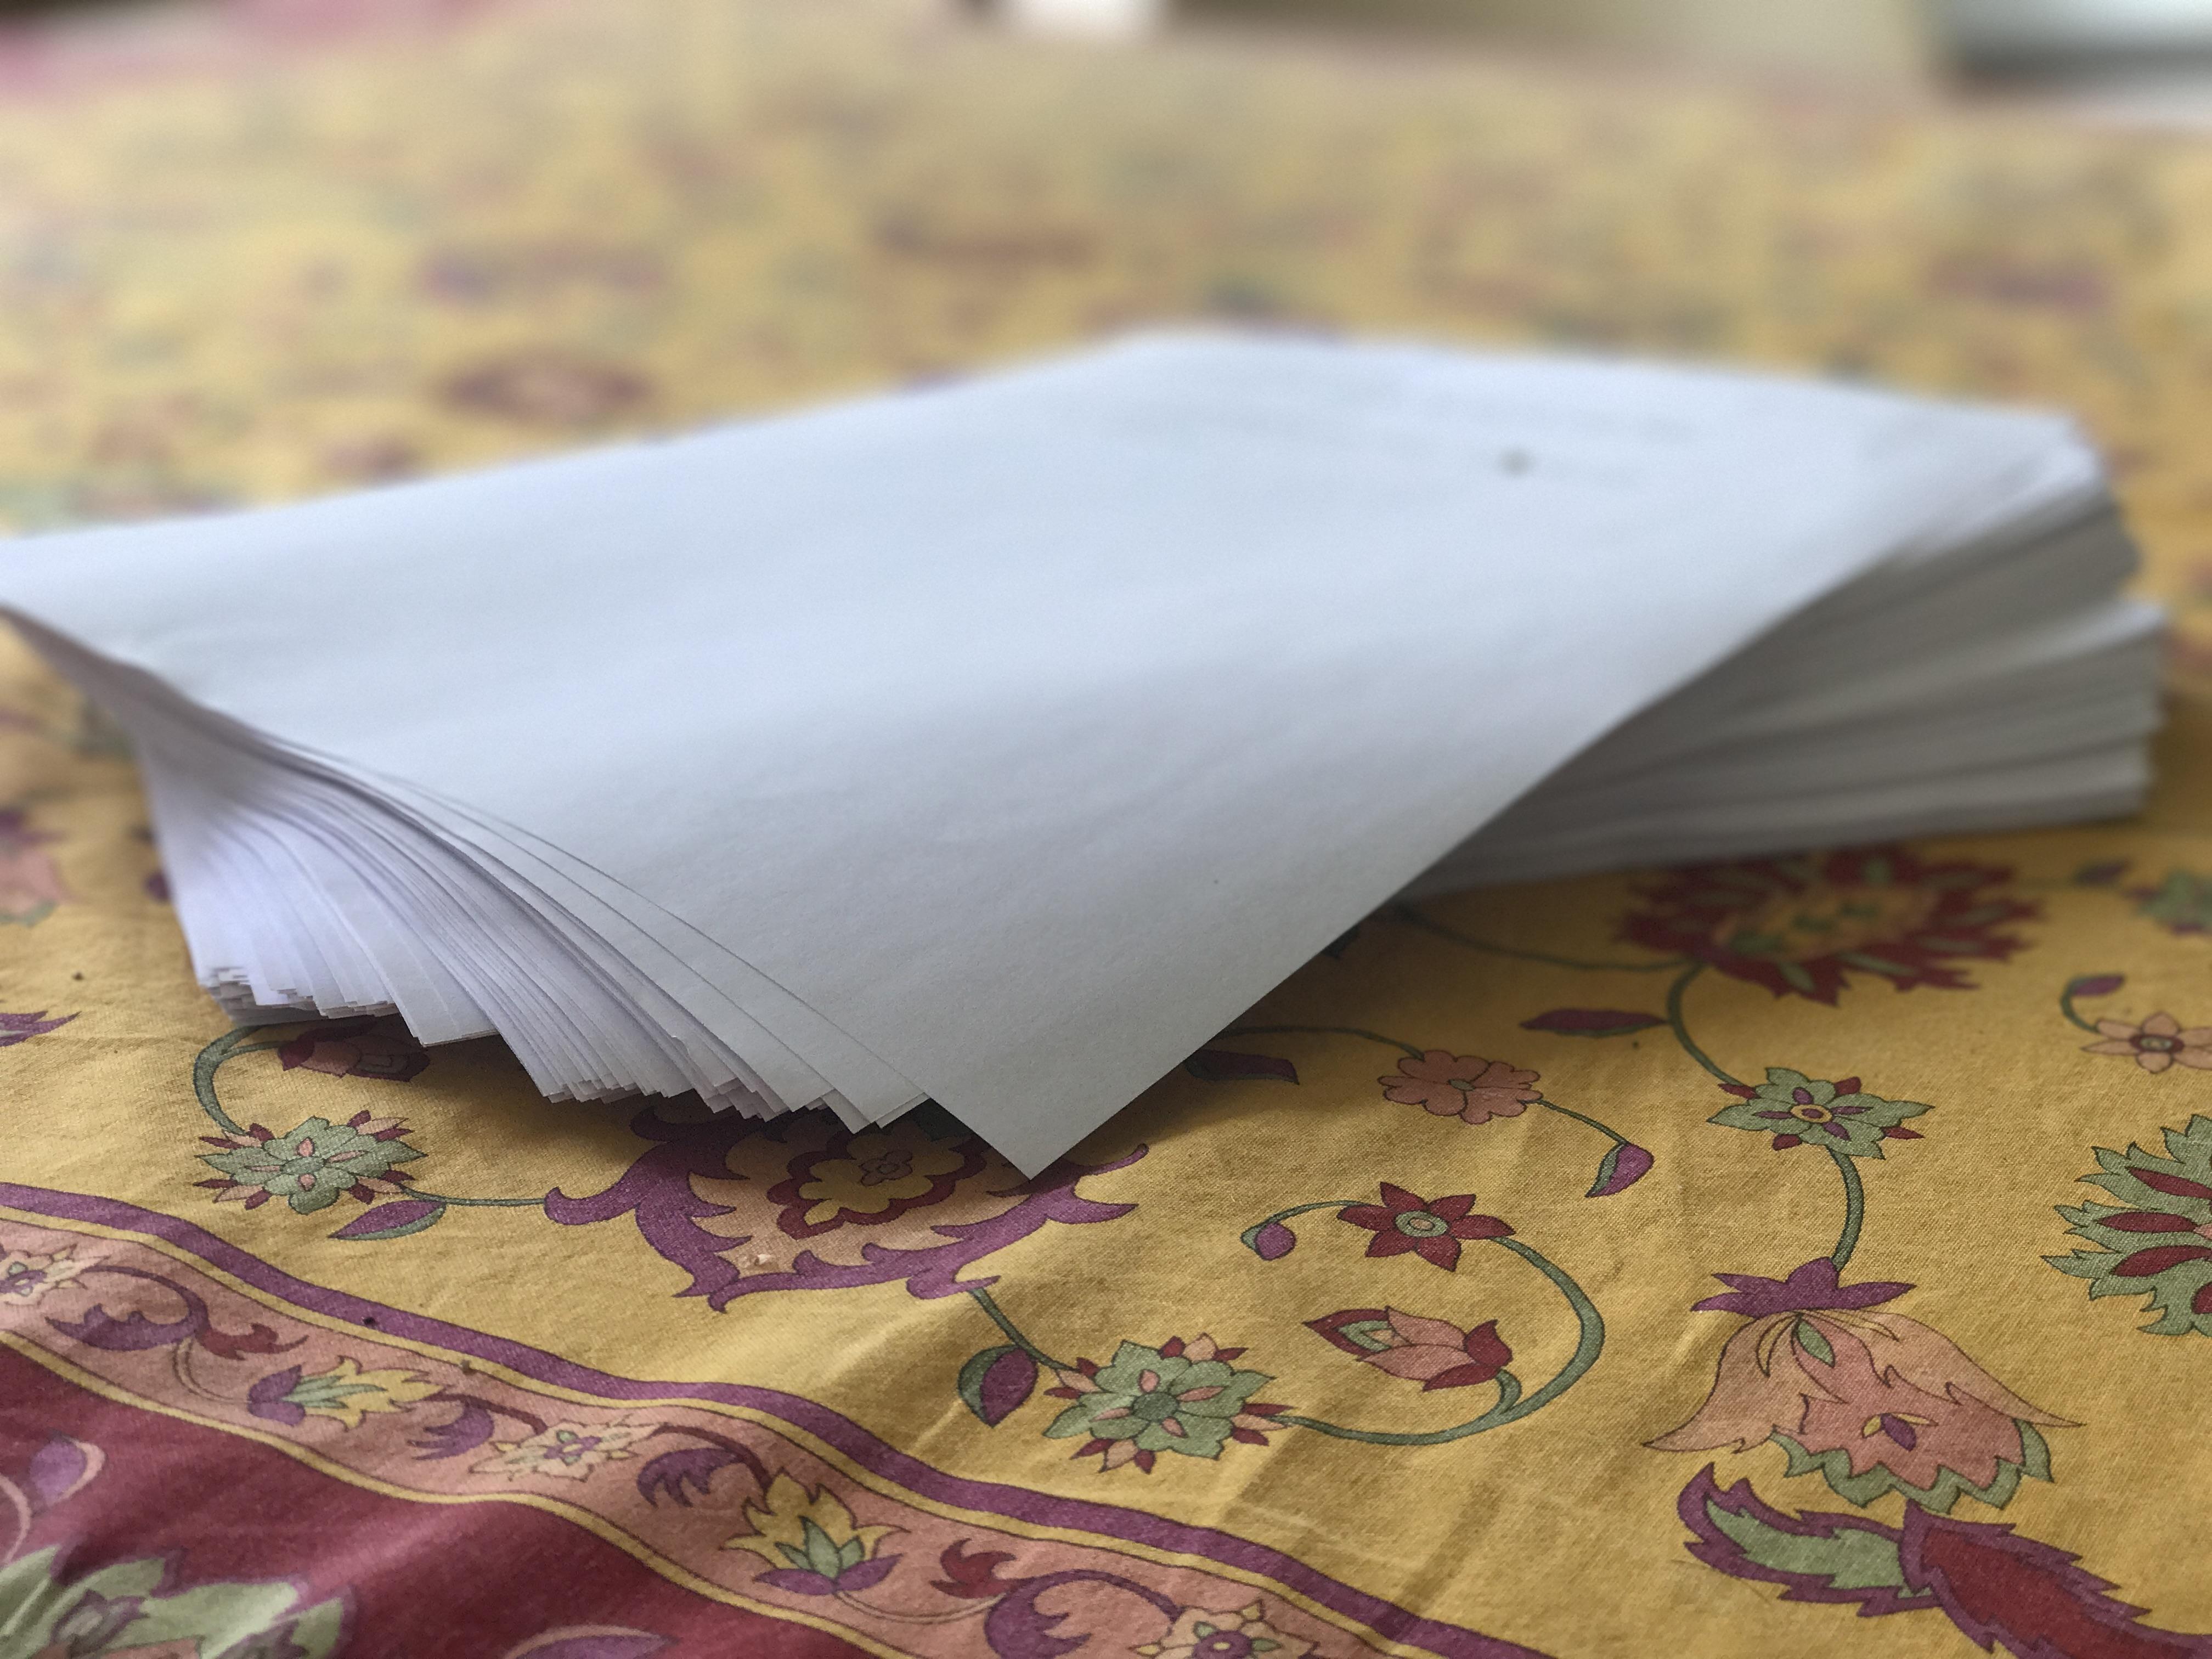 Das Buch zur Reise. Am 9. April fertig ausgedruckt auf den Tisch gelegt und mit meiner Nachbarin Inga begossen!